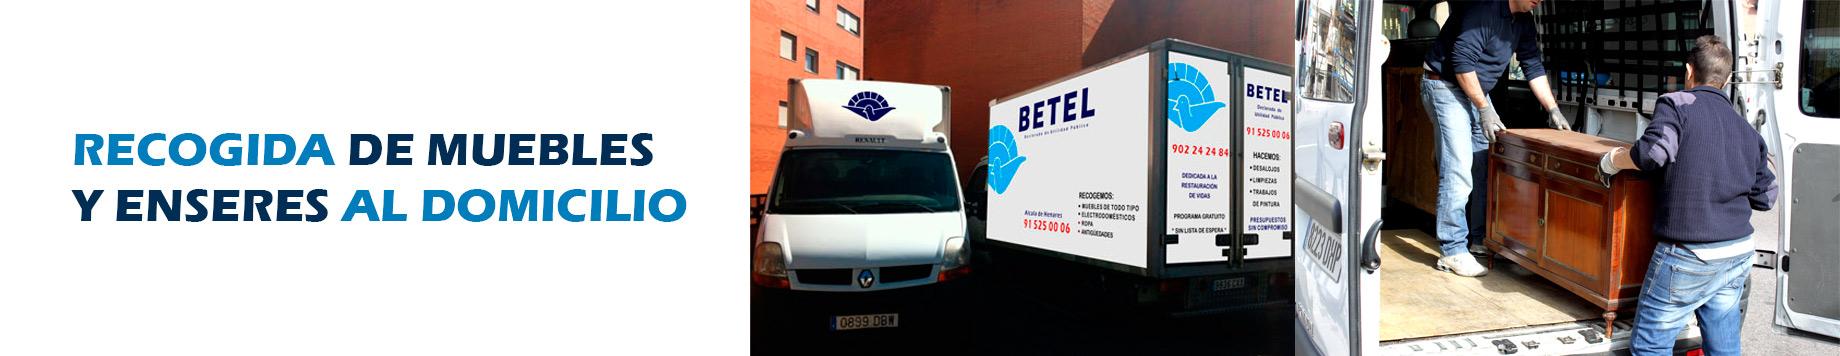 Recogida De Muebles Madrid : Recogida de muebles enseres y ropa